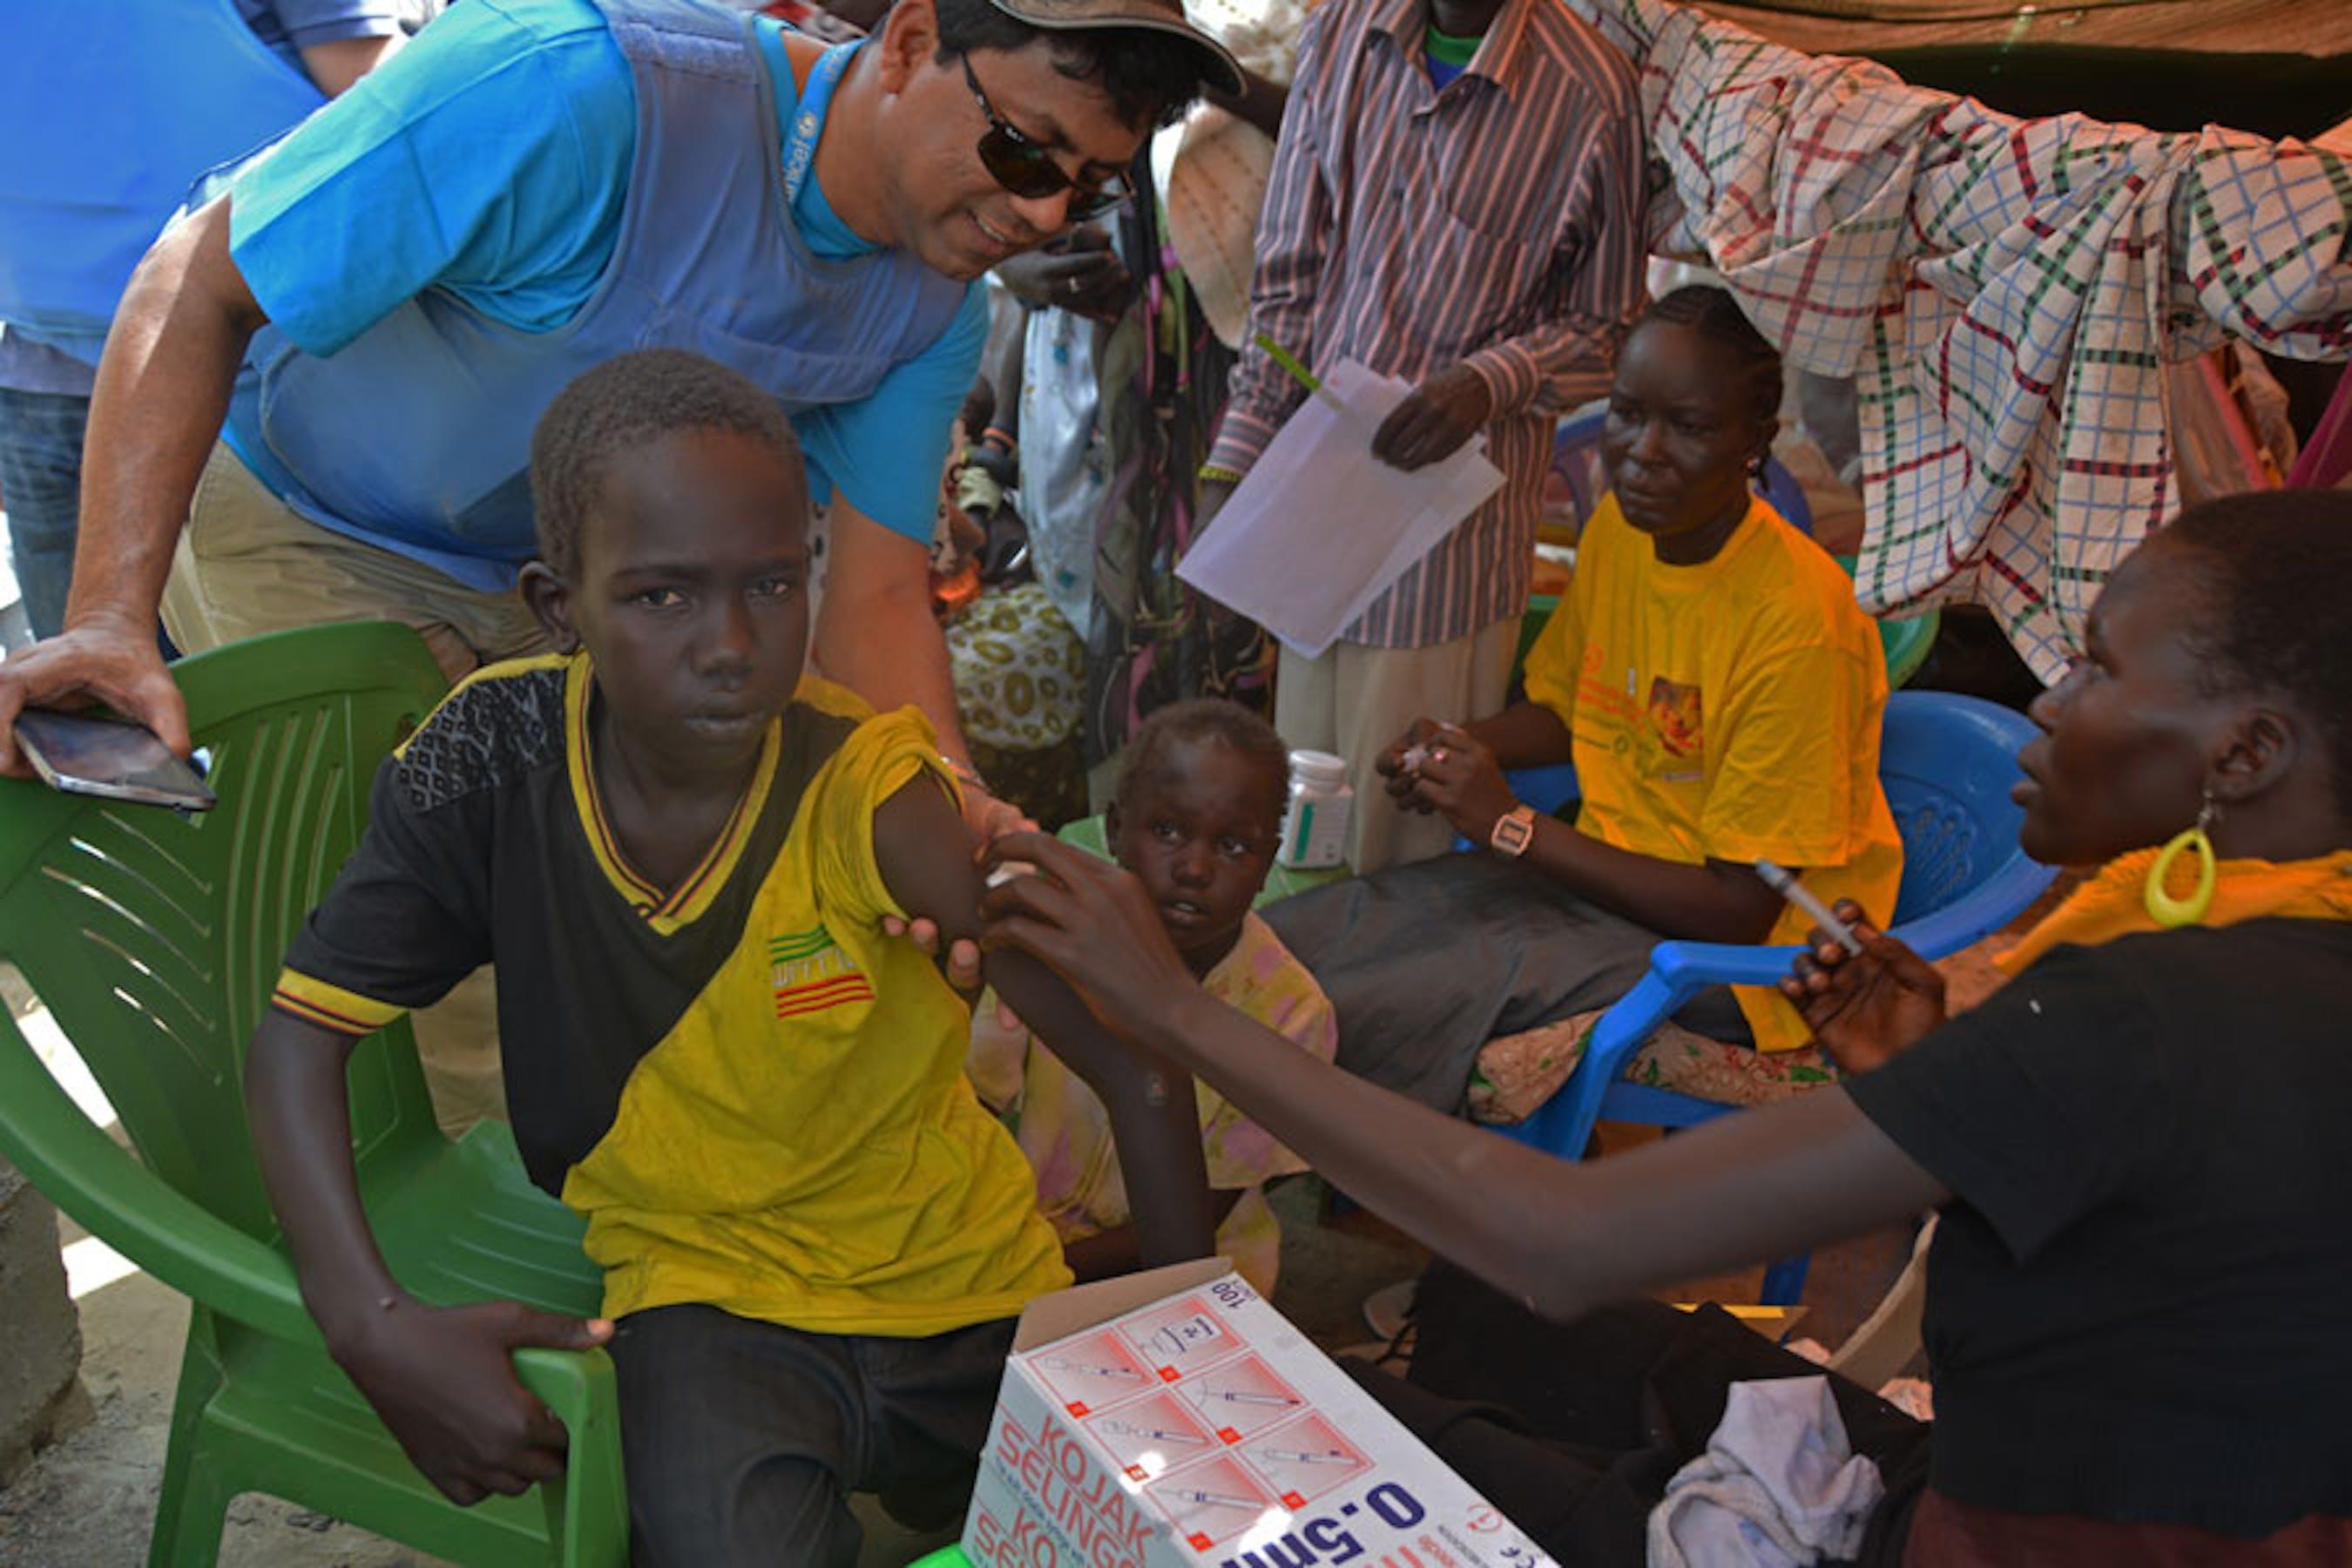 Un operatore sanitario dell'UNICEF impegnato nelle sessioni di vaccinazione contro il morbillo nell'accampamento per sfollati intorno alla base UNMISS a Bor (Sud Sudan) - ©UNICEF/NYHQ2014-0086/Sarah Crowe